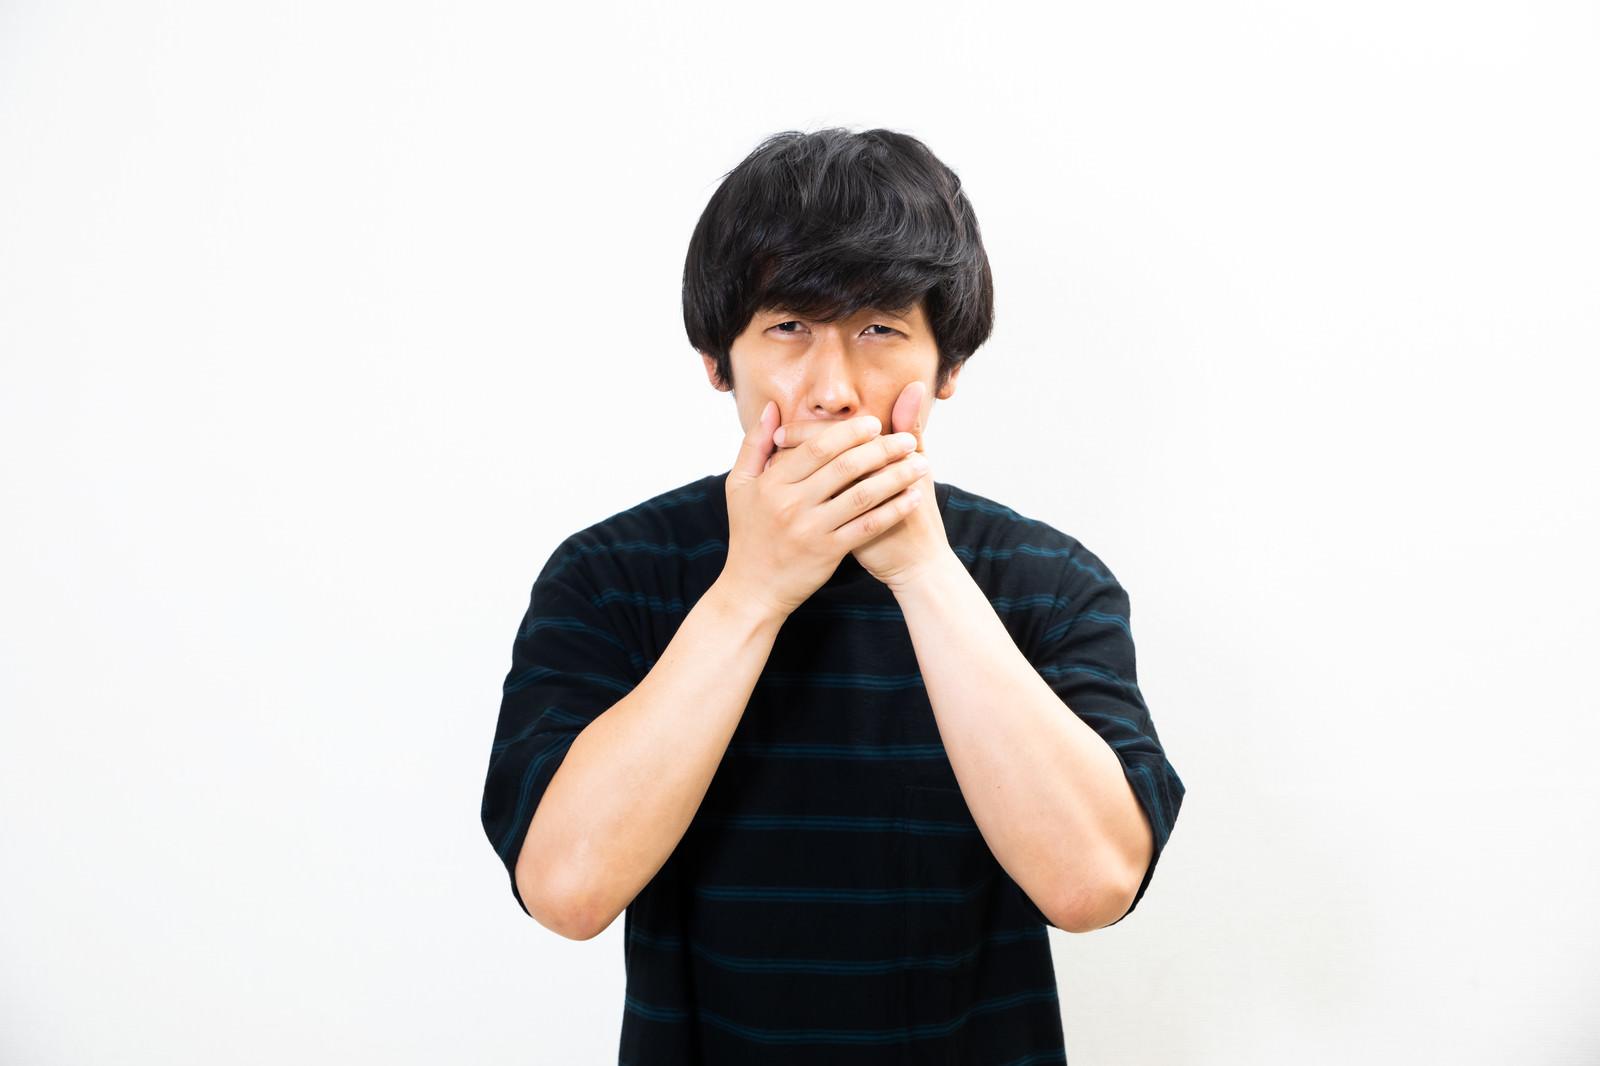 「息苦しさに口を覆う男性」の写真[モデル:大川竜弥]